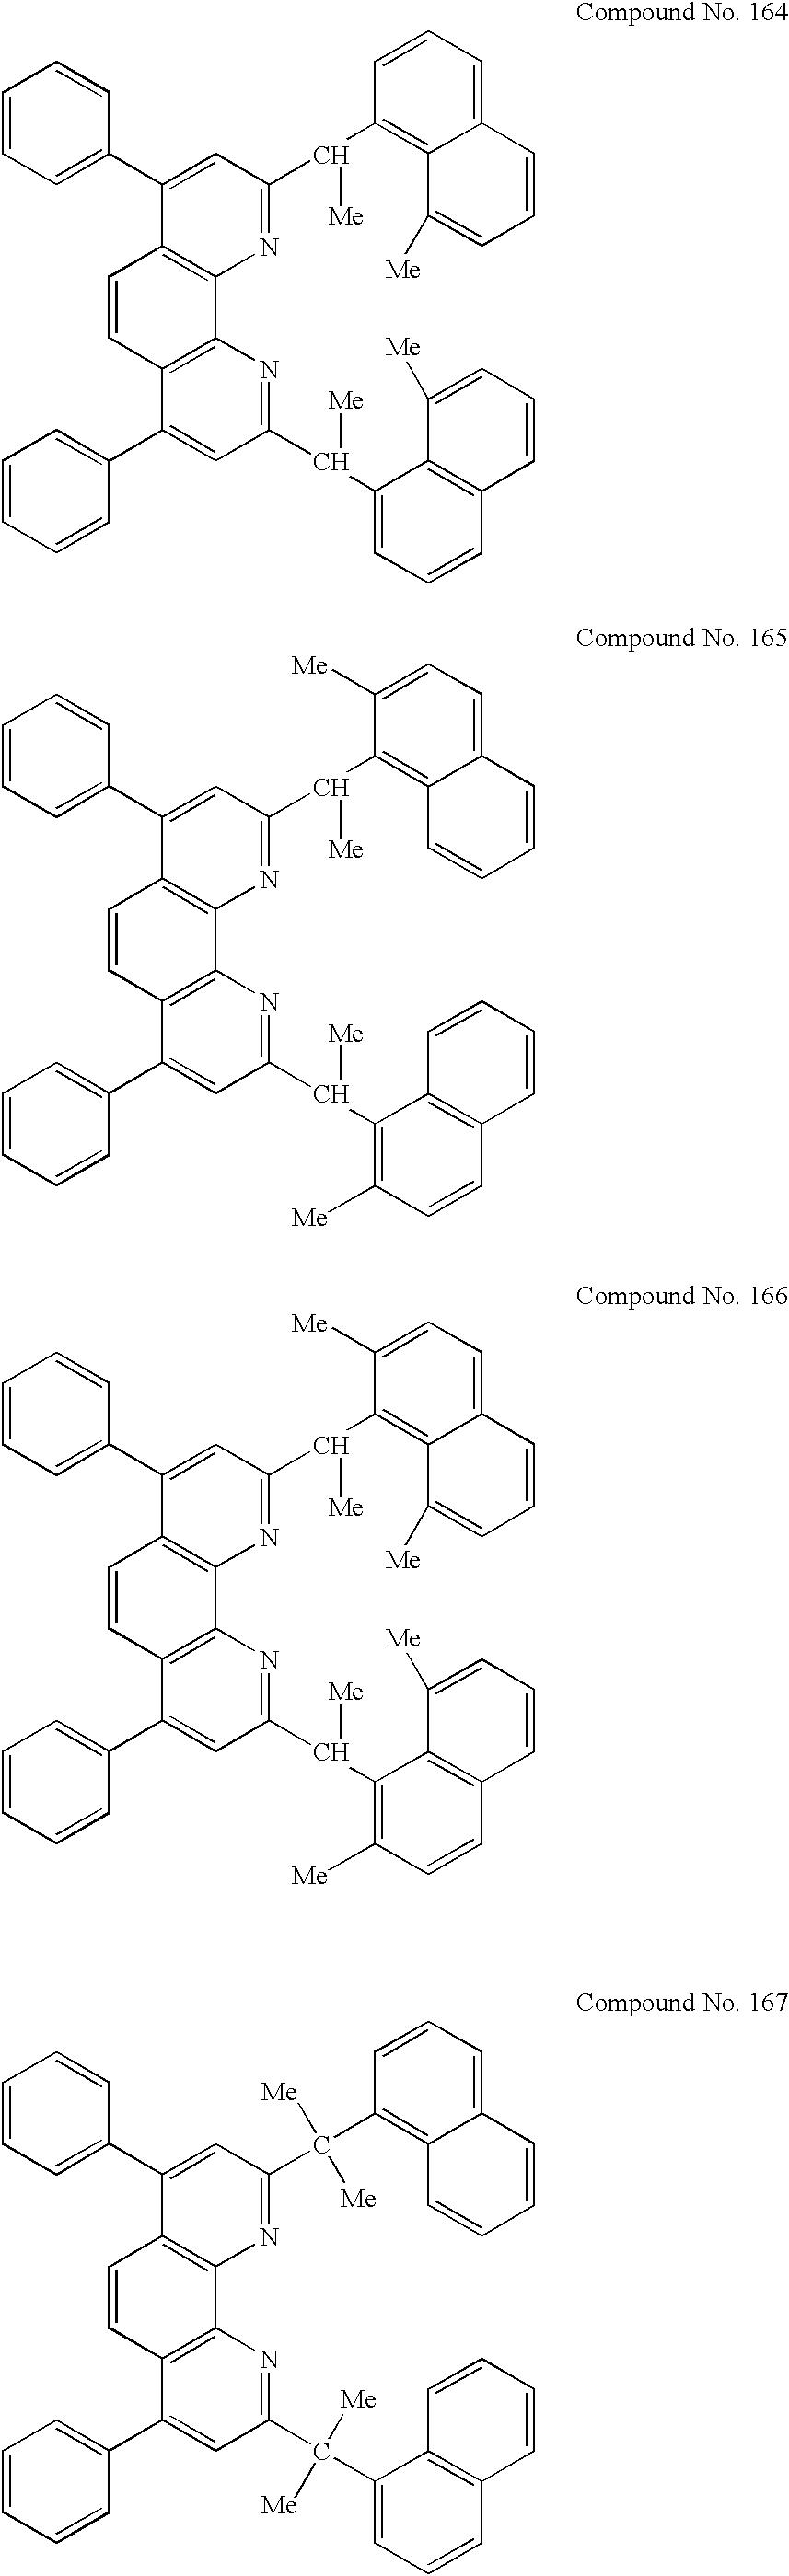 Figure US06524728-20030225-C00050